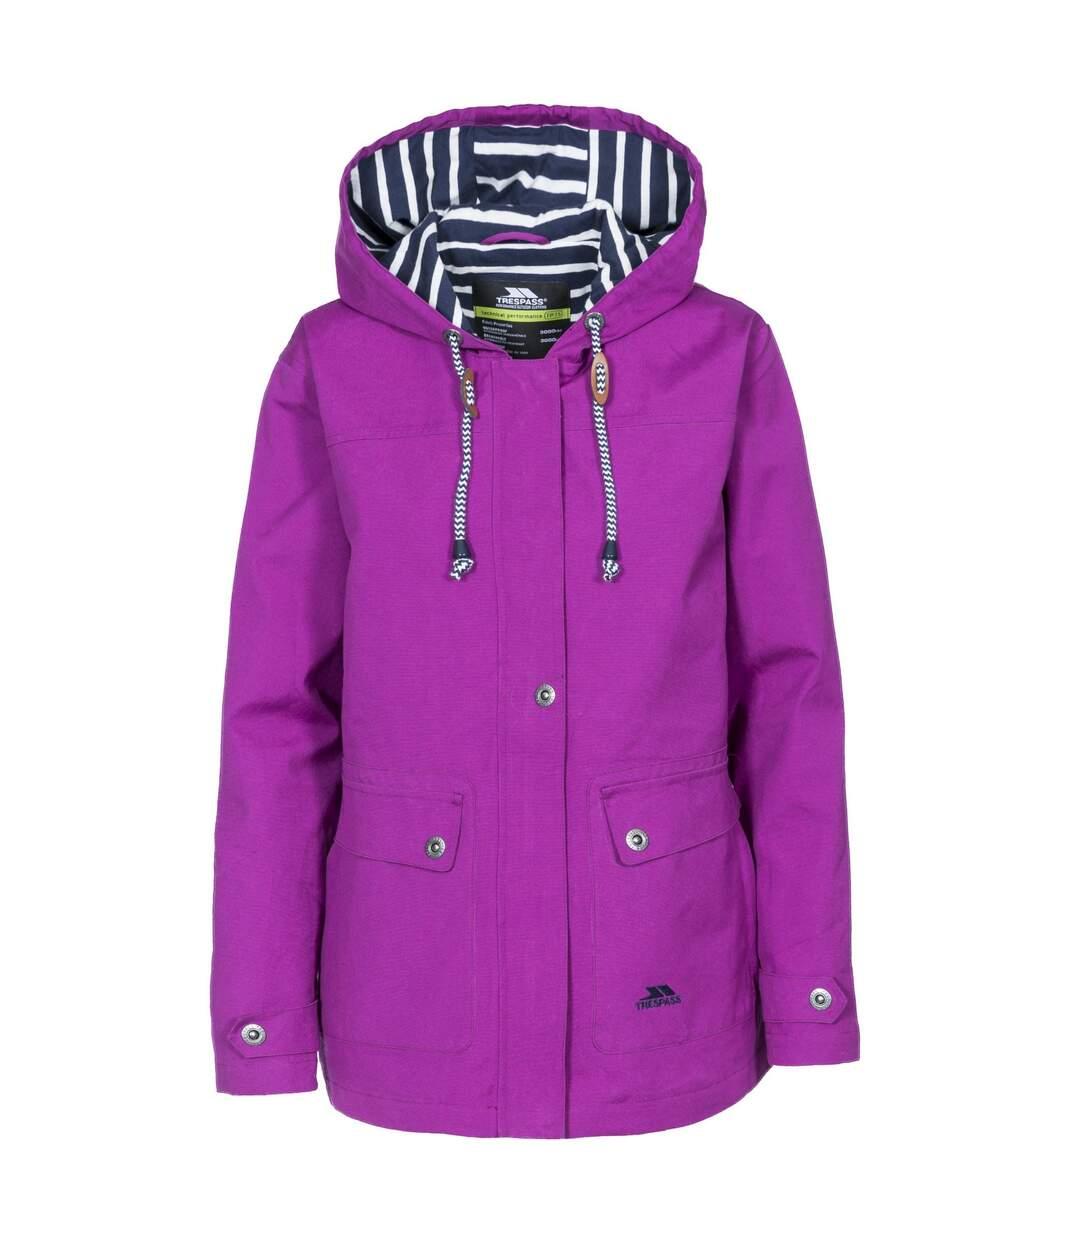 Trespass Womens/Ladies Seawater Waterproof Jacket (Navy) - UTTP3314